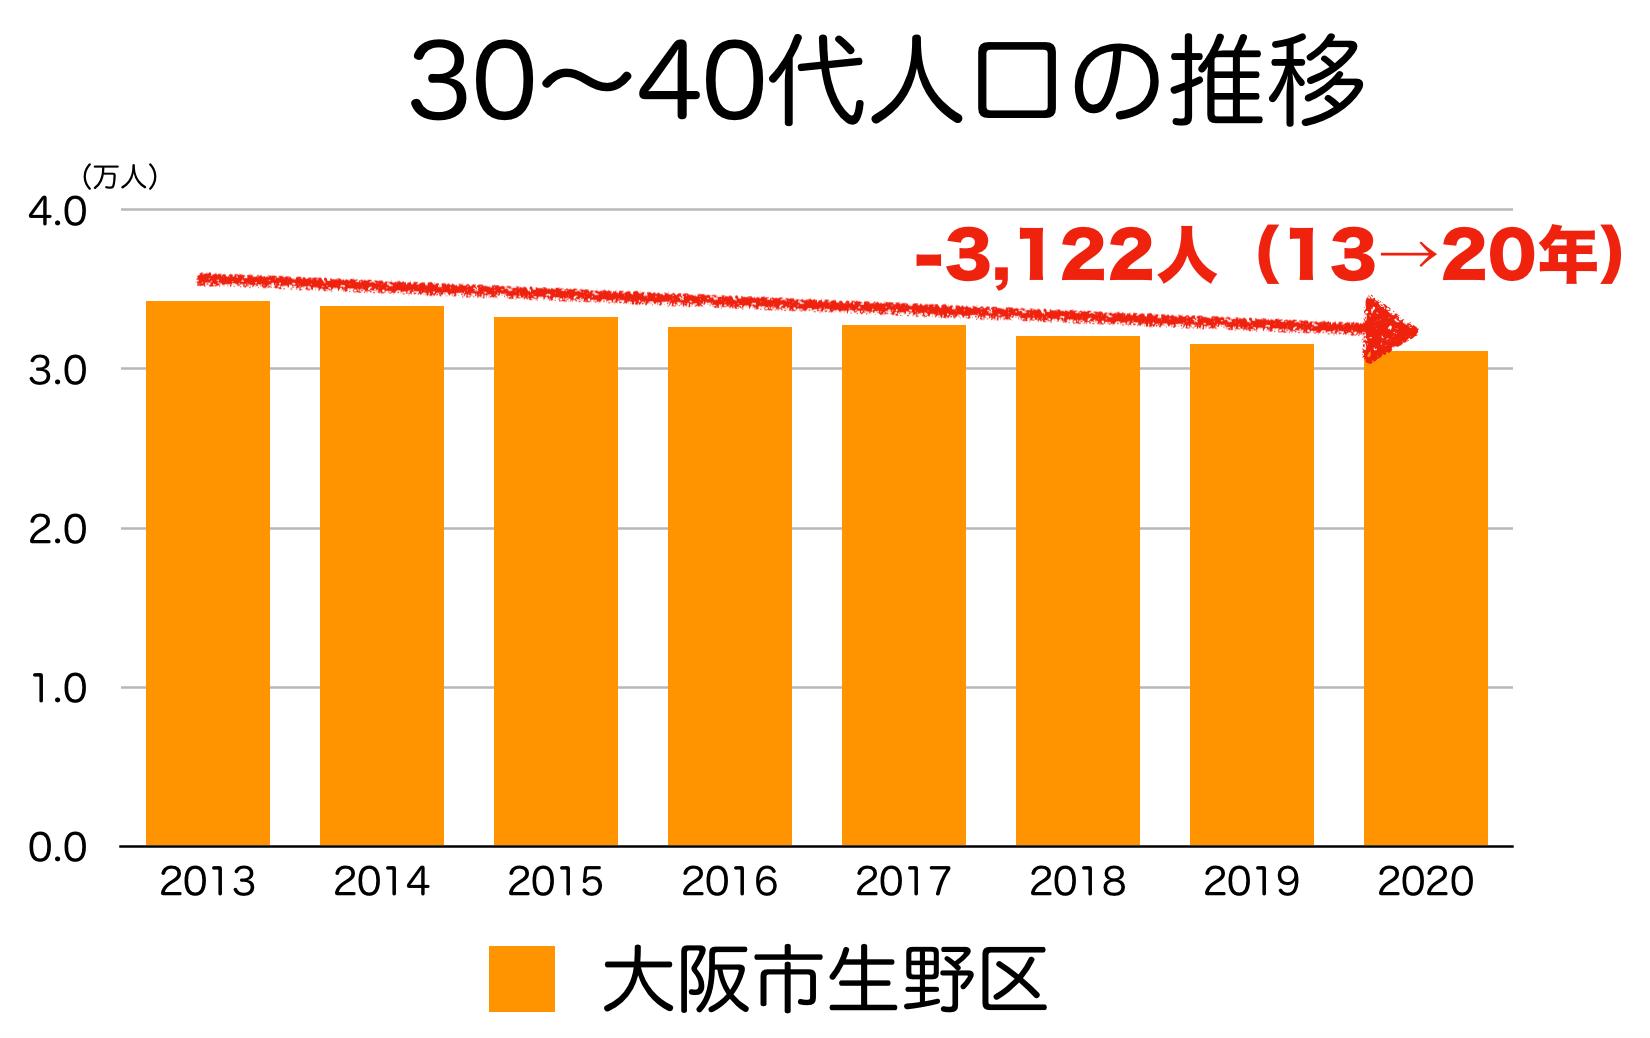 大阪市生野区の30〜40代人口の推移